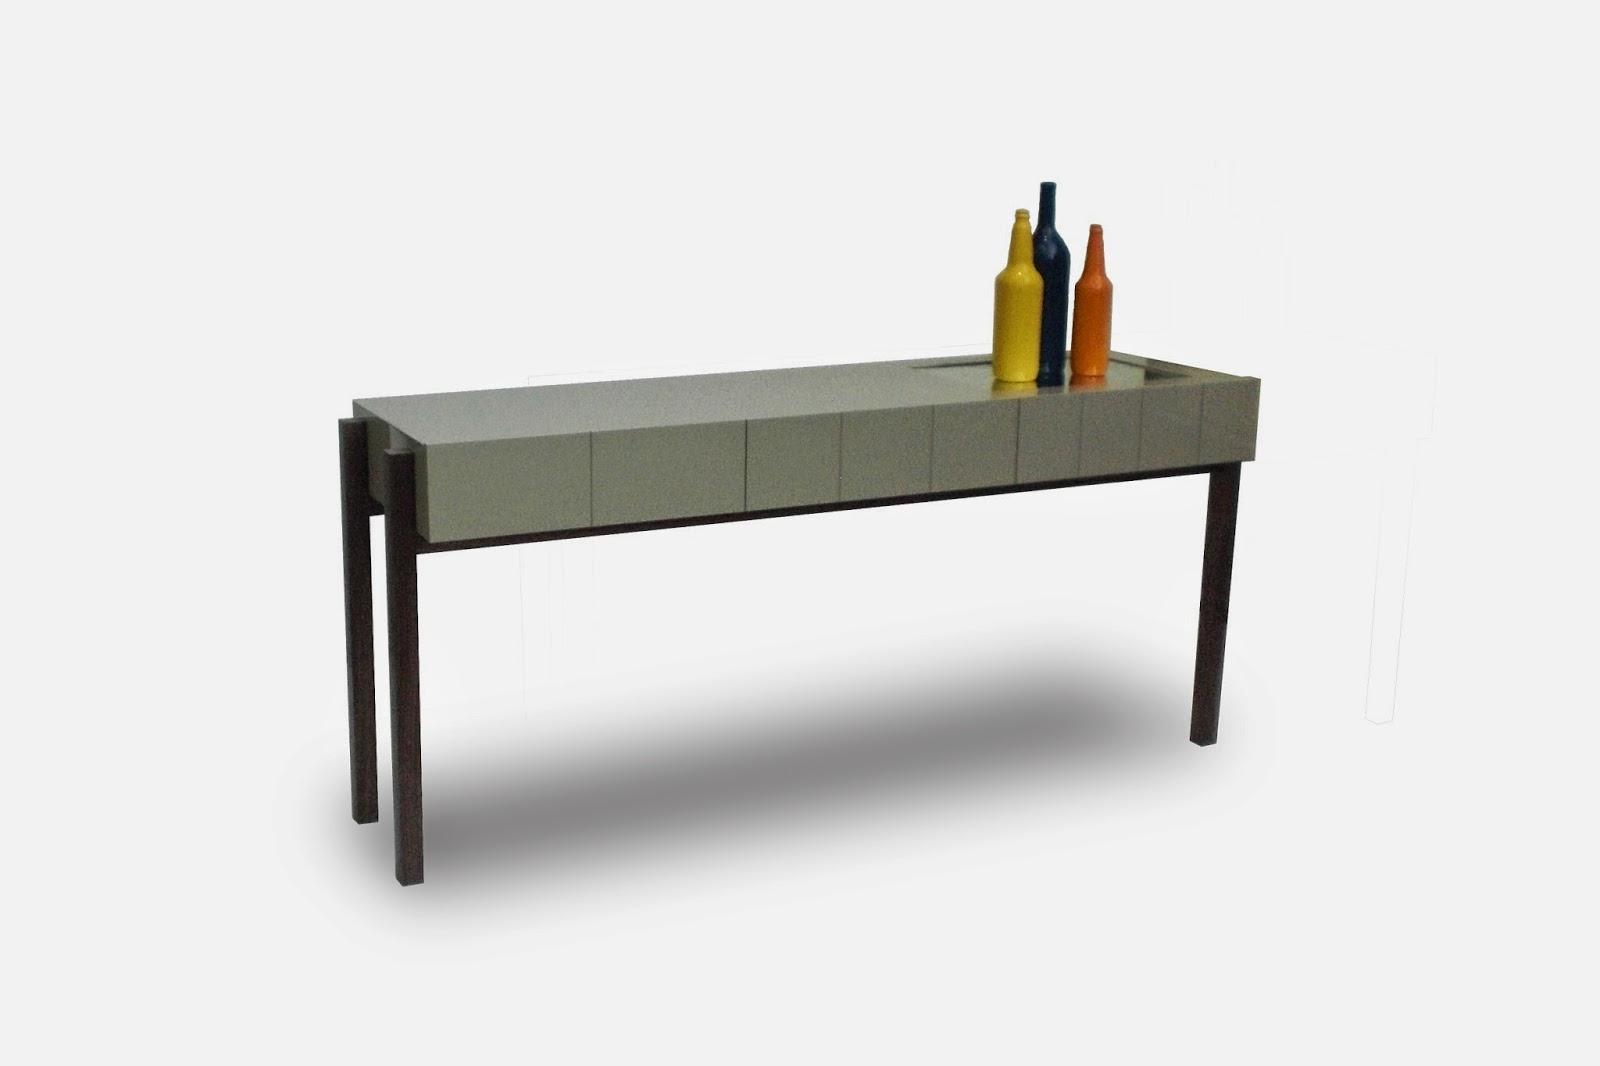 Armario Tela Hipercor ~ Girona Design Girona Design homenageia Lina Bo Bardi com o buffet e aparador Lina